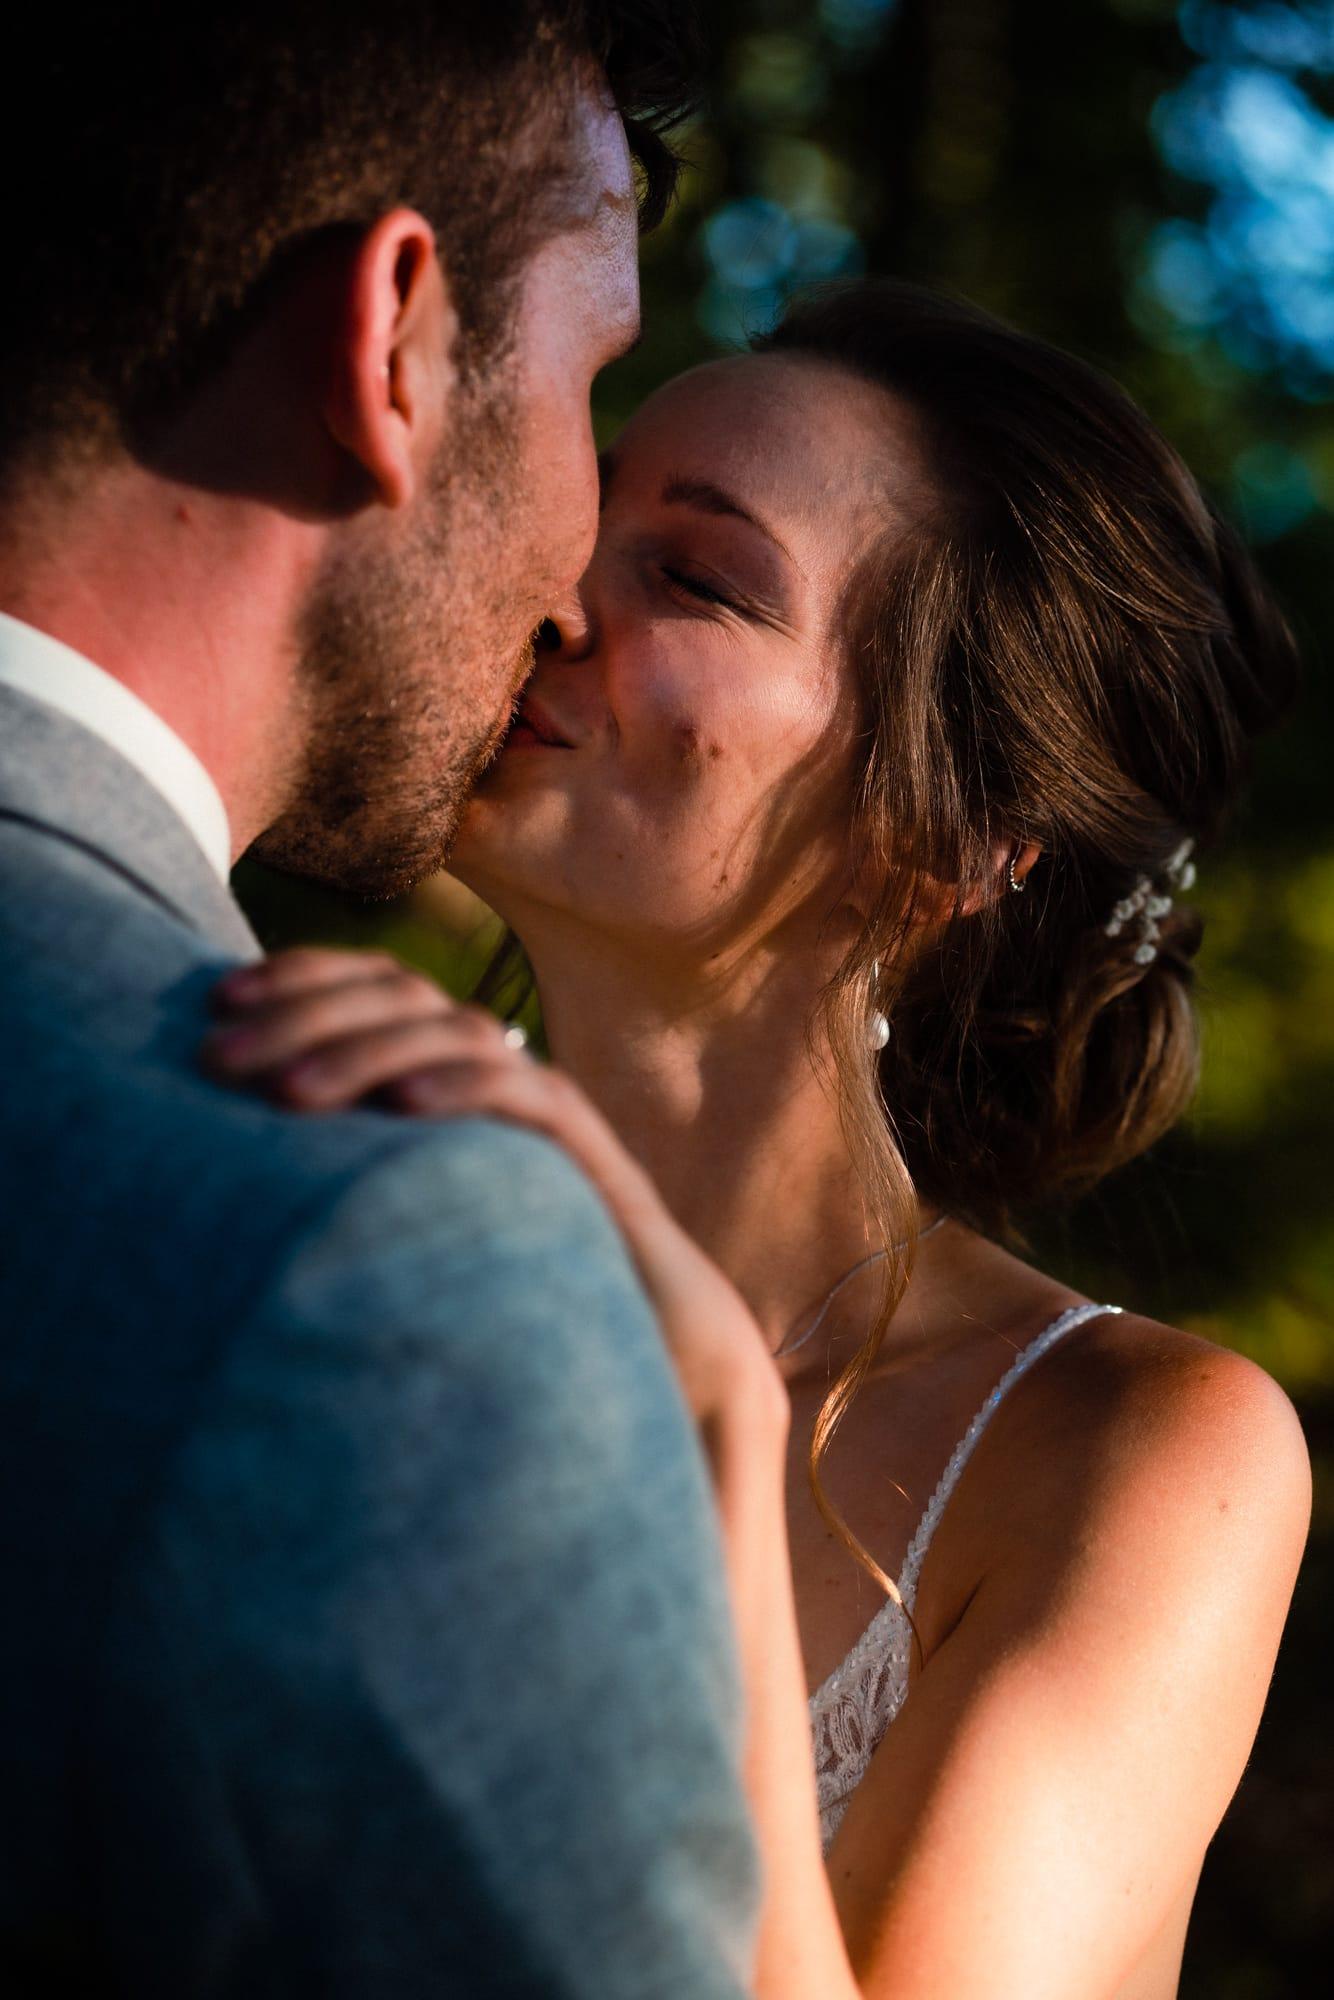 dorset wedding photography couples photos